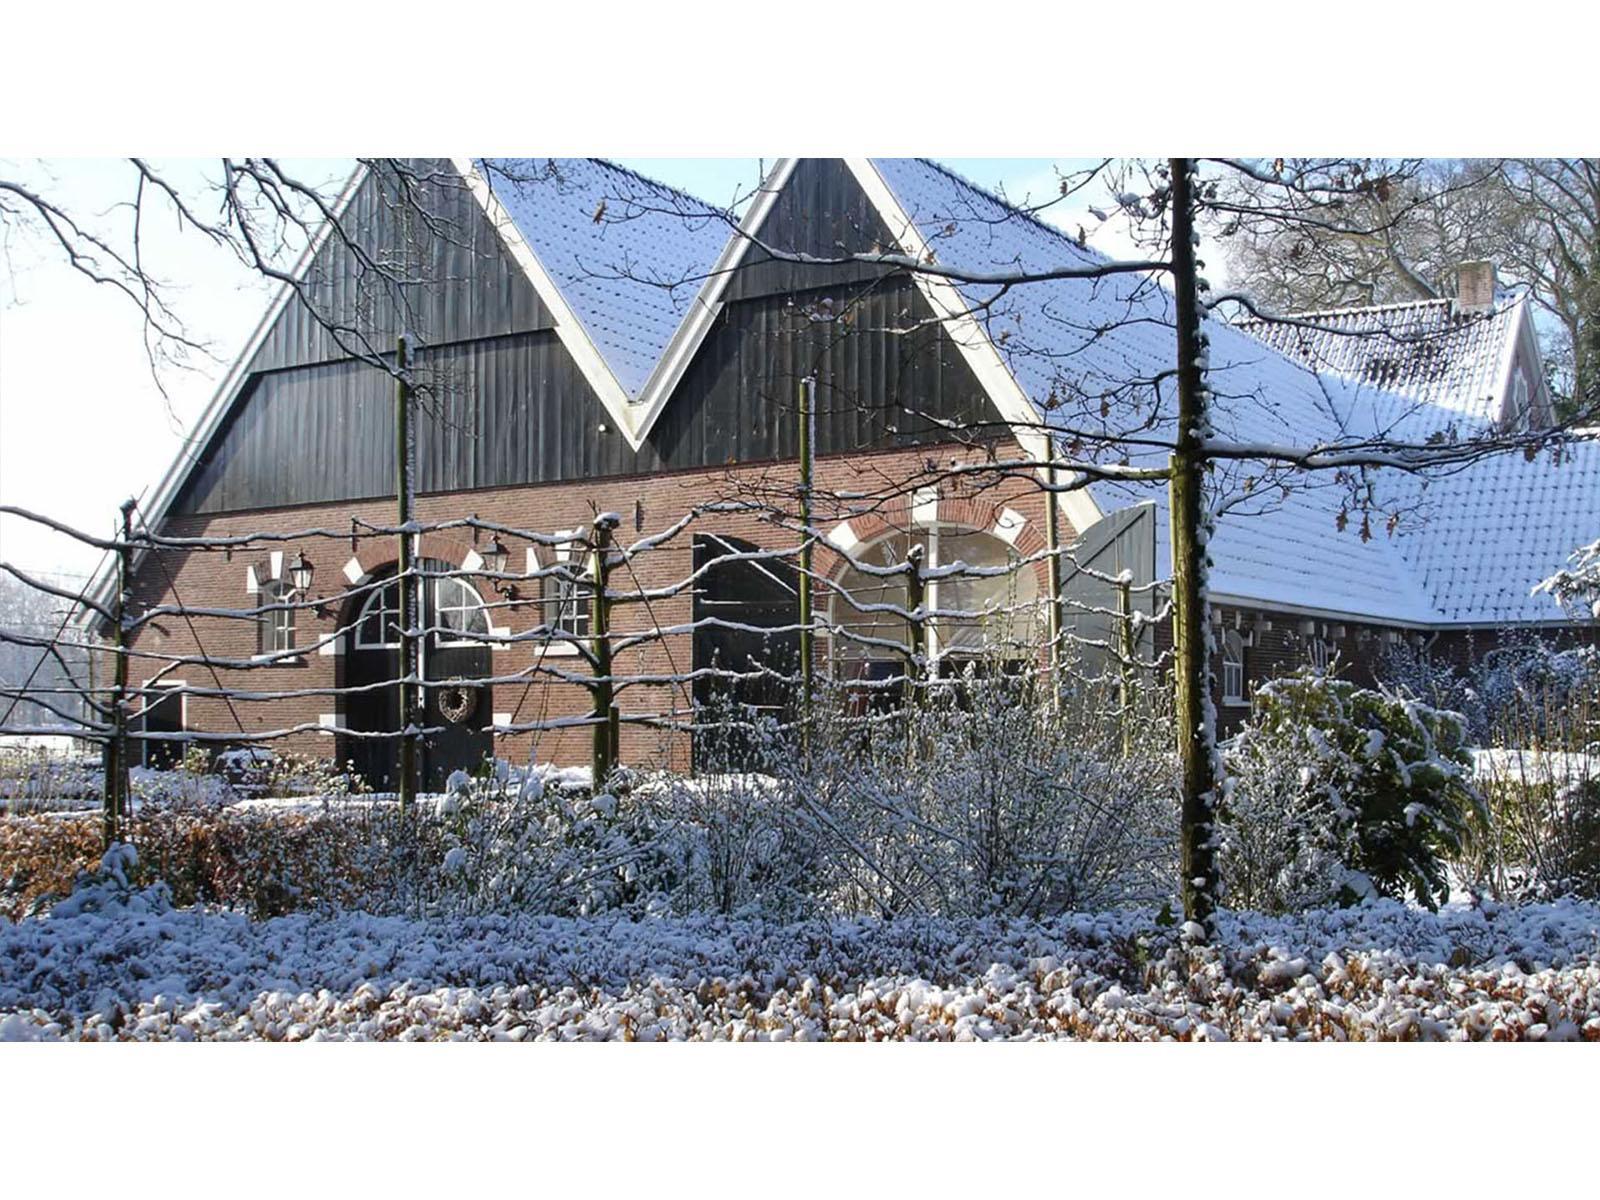 Slide 9 Boerderij in sneeuw